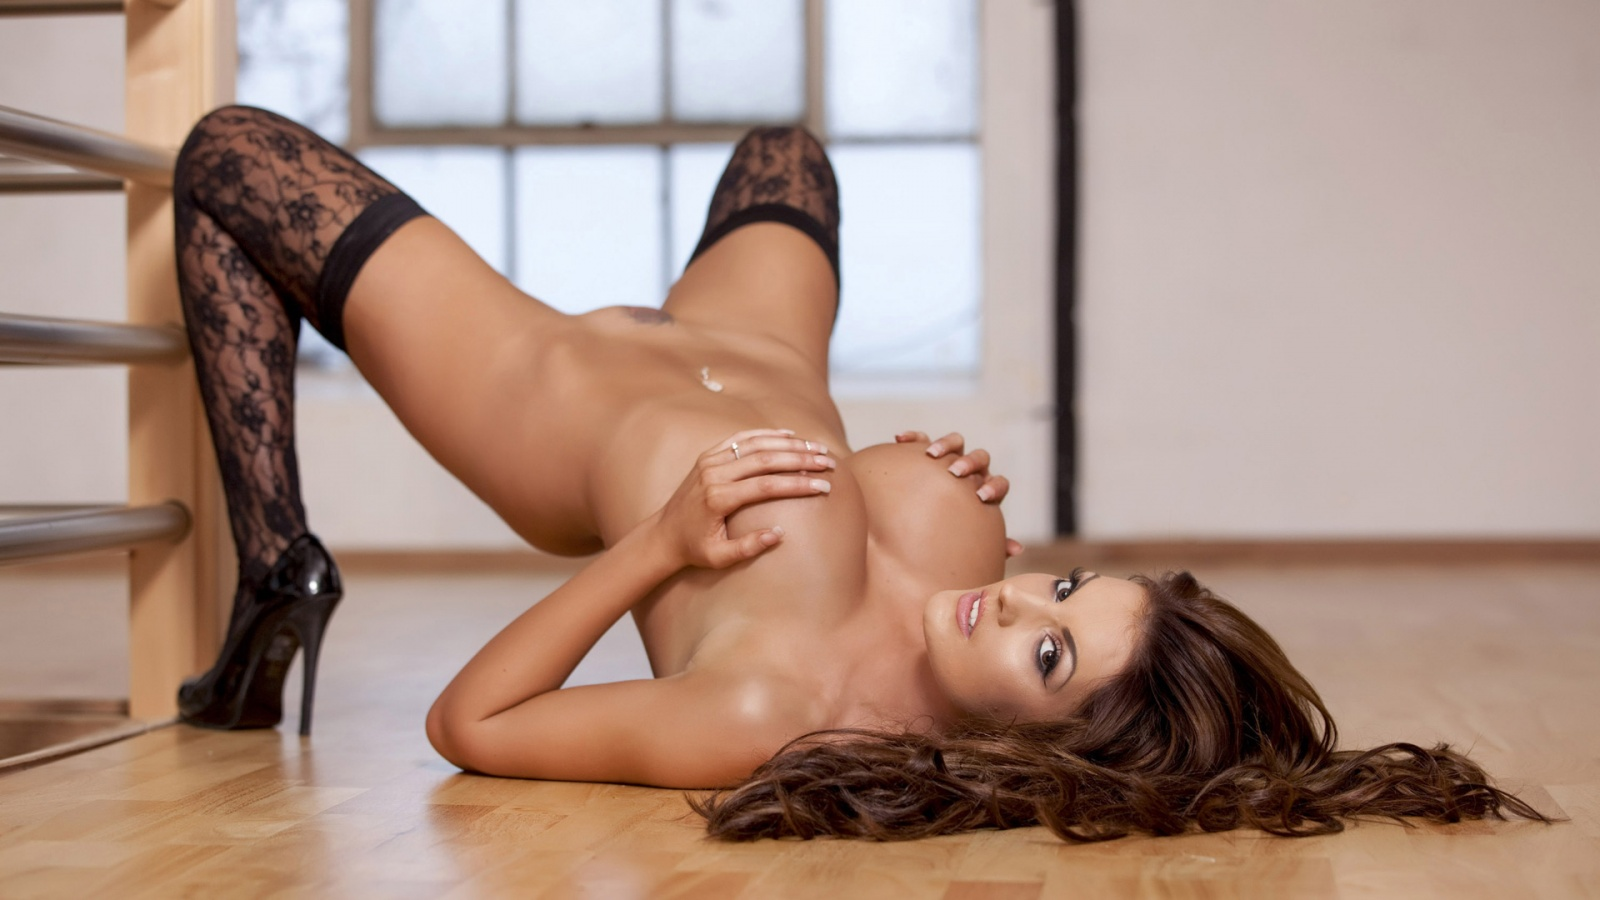 Супер порно фото с красивыми девушками 24 фотография